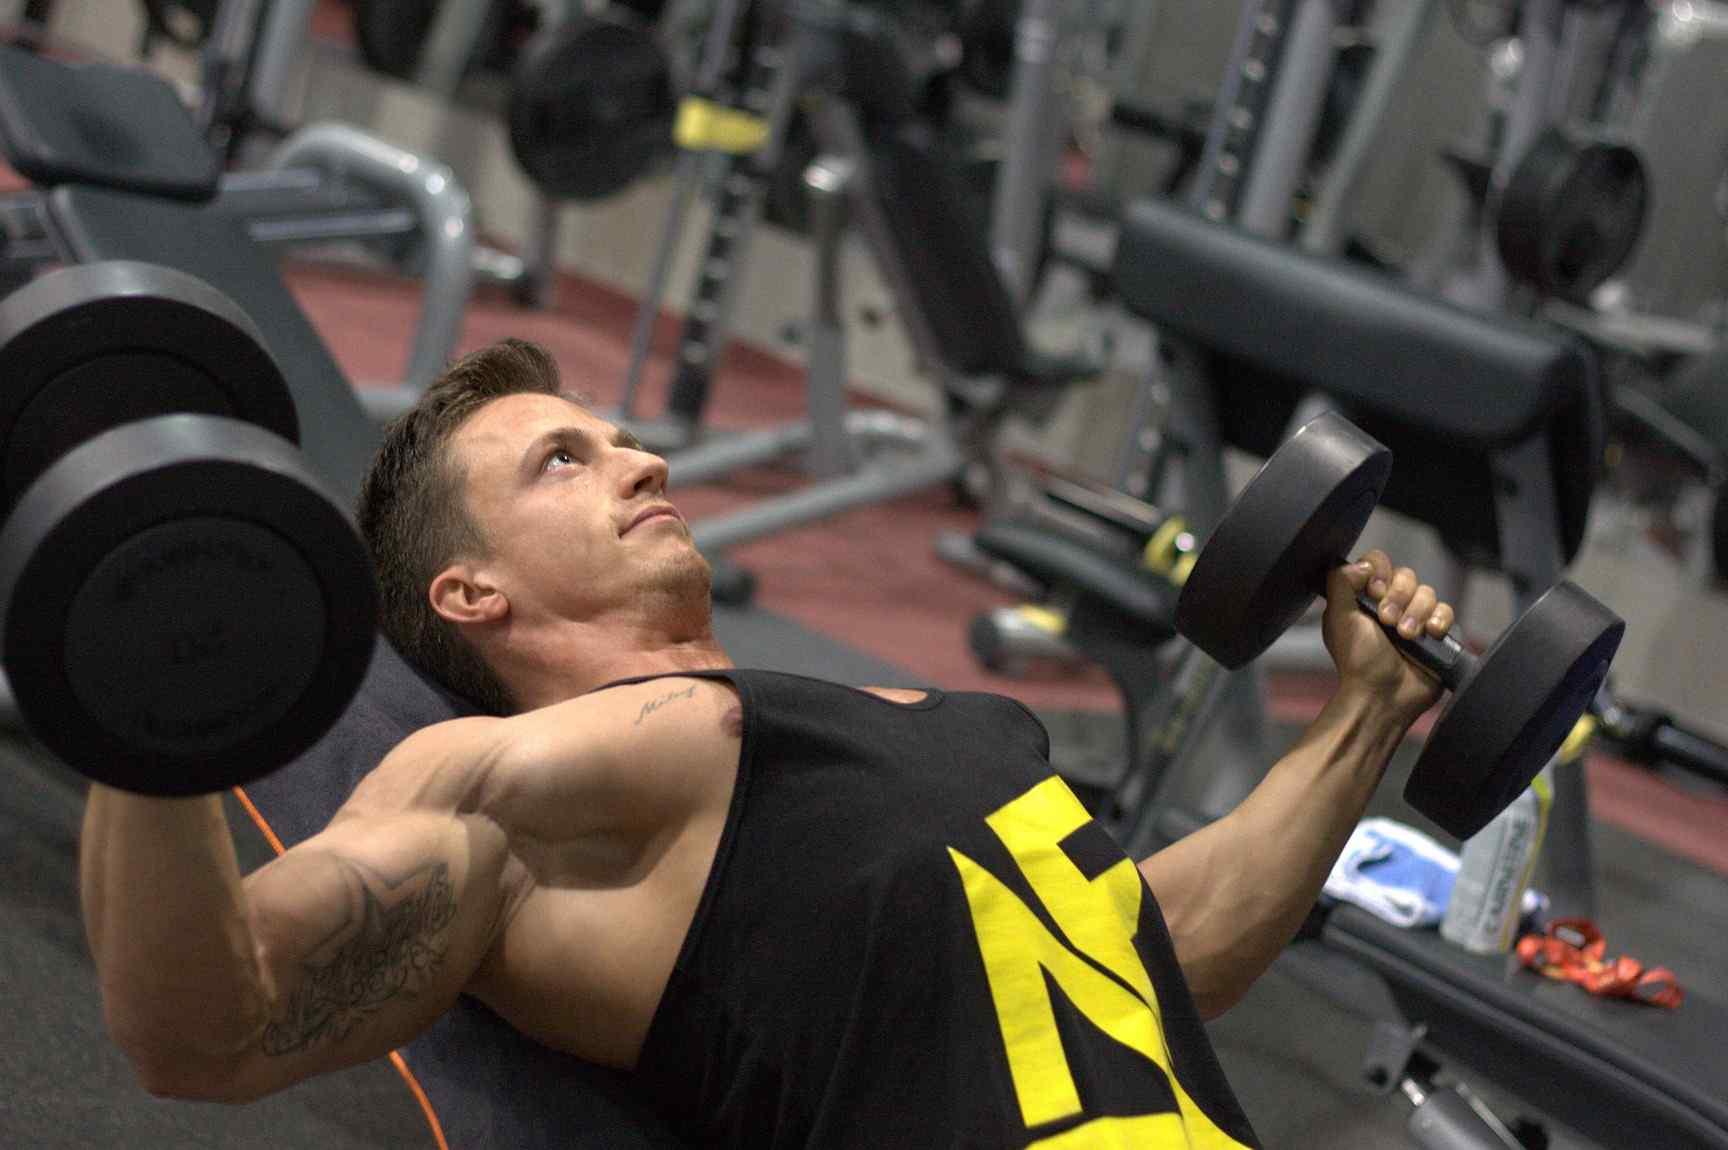 Ejercicio físico: ¿cuáles son las diferencias entre mancuernas y barras para entrenar?